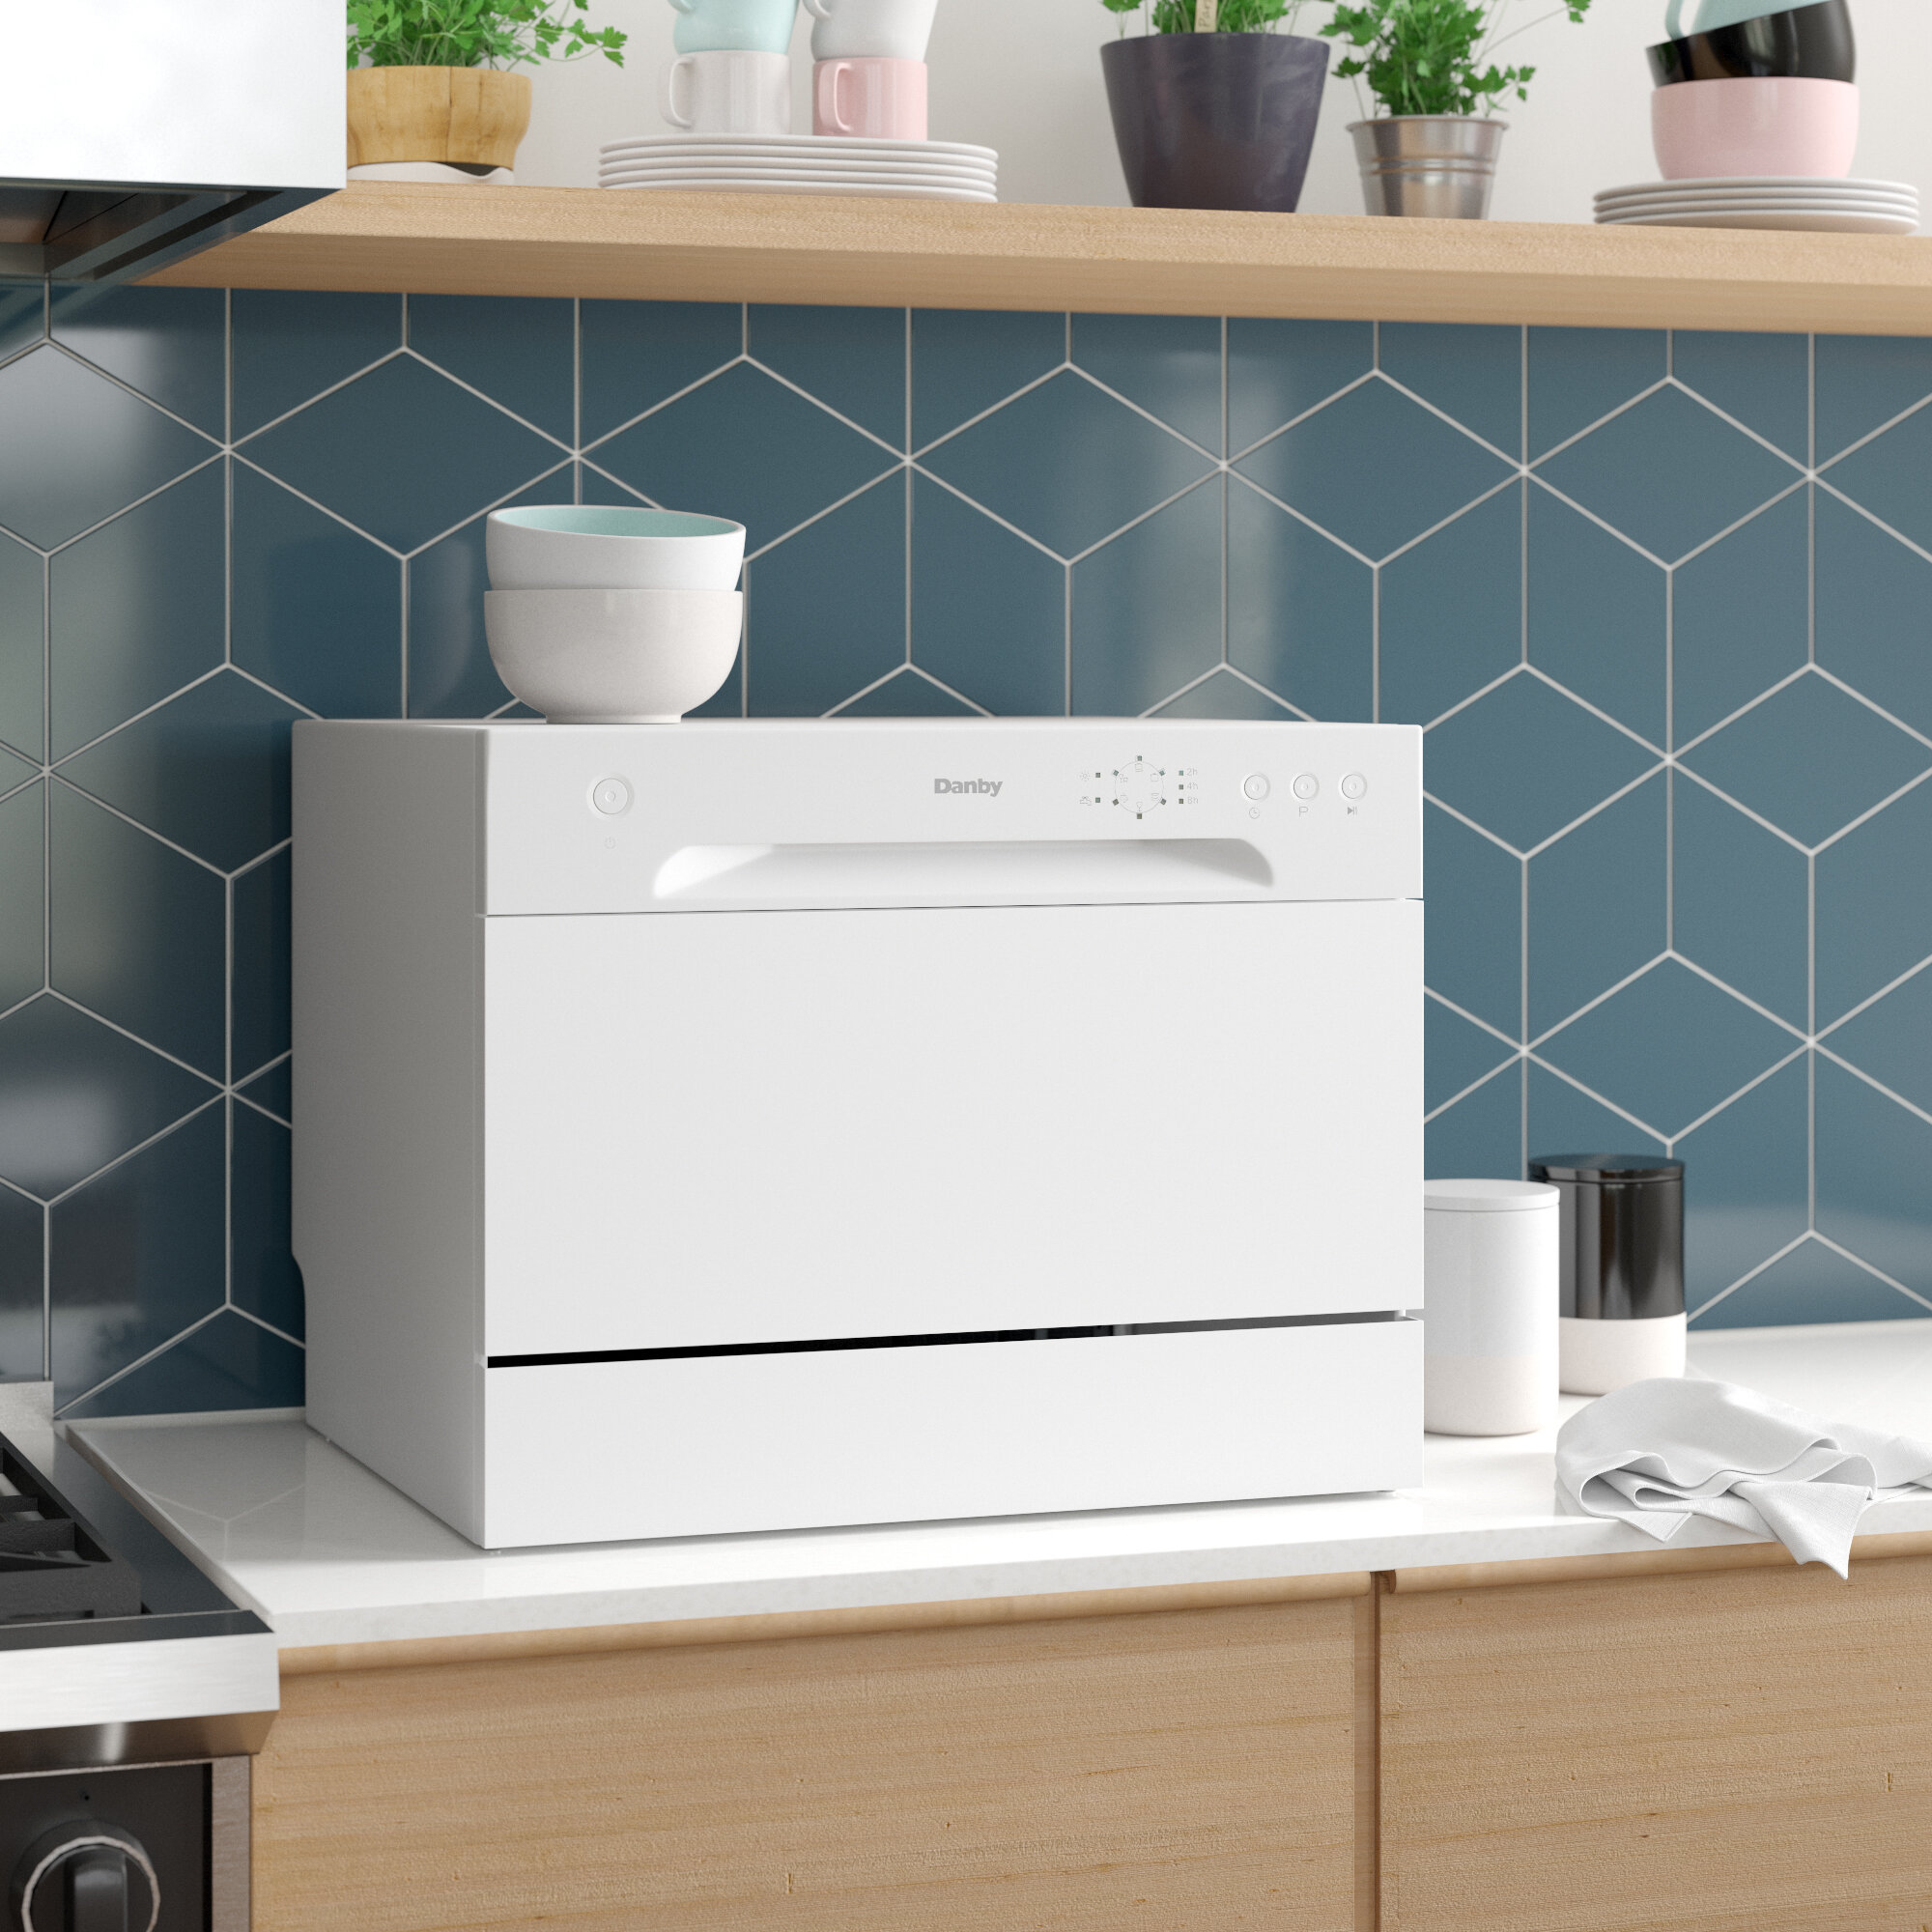 Danby 22 52 Dba Countertop Full Console Dishwasher Reviews Wayfair Ca